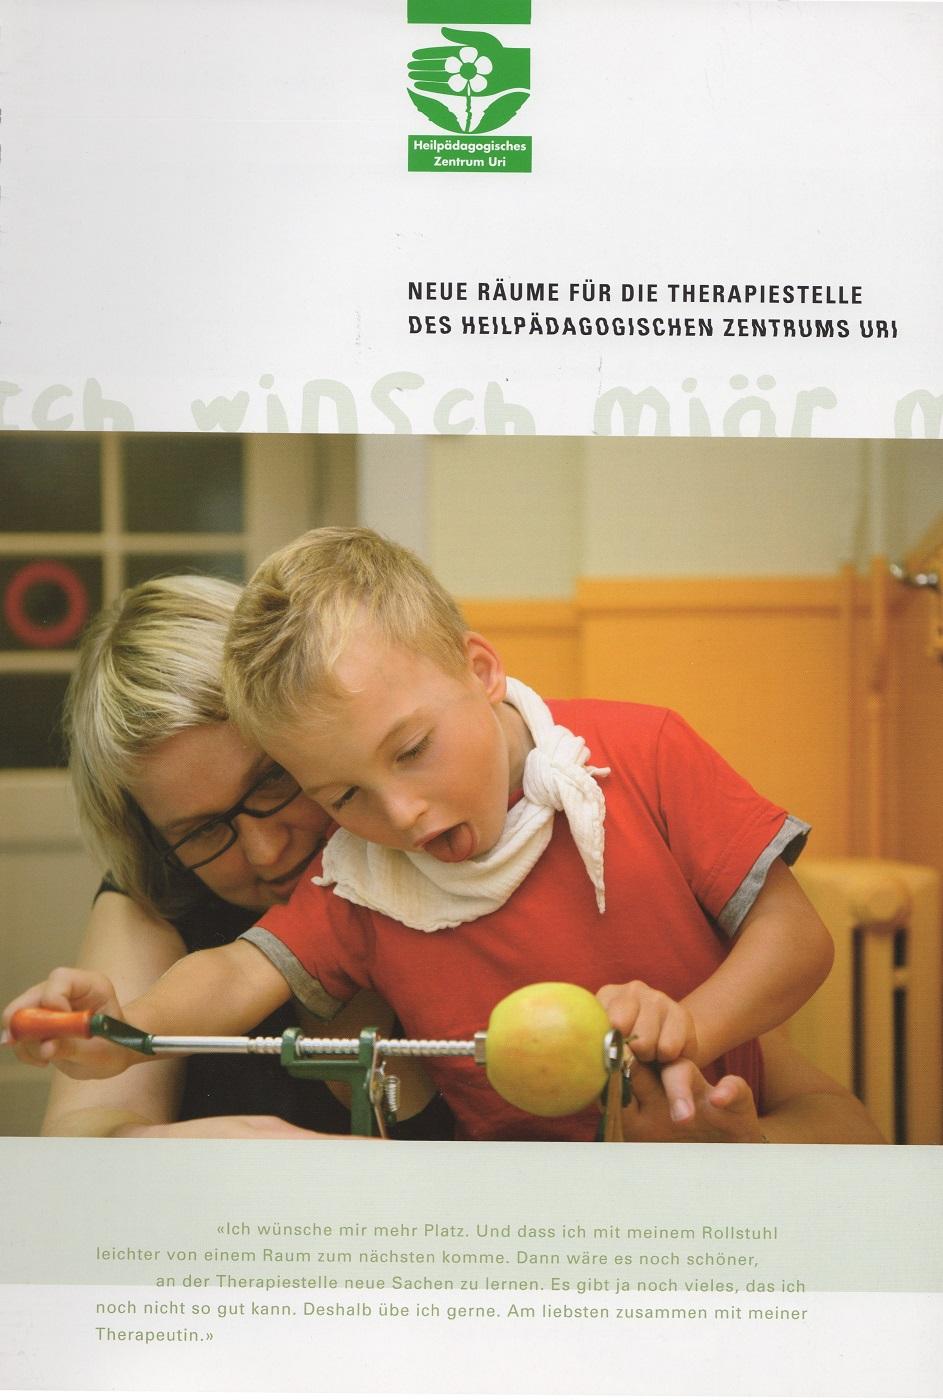 Heilpädagogisches Zentrum Uri - Pro Jahr werden mehr als 600 Kinder und Jugendliche im Heilpädagogischen Zentrum Uri betreut. Kompetente Förderung und ganzheitliche Betreuung sorgen dafür, dass wieder unbeschwerte Momente im Leben von Kindern in schwierigen Lebenssituationen möglich sind. Nie hat eine soziale Institution im Kanton Uri eine grössere Summe gesammelt, als im Zuge der notwendig gewordenen baulichen Anpassungen.Das Spendenziel lag bei 6.4 Millionen Franken, wir sammelten 8 Millionen Franken.